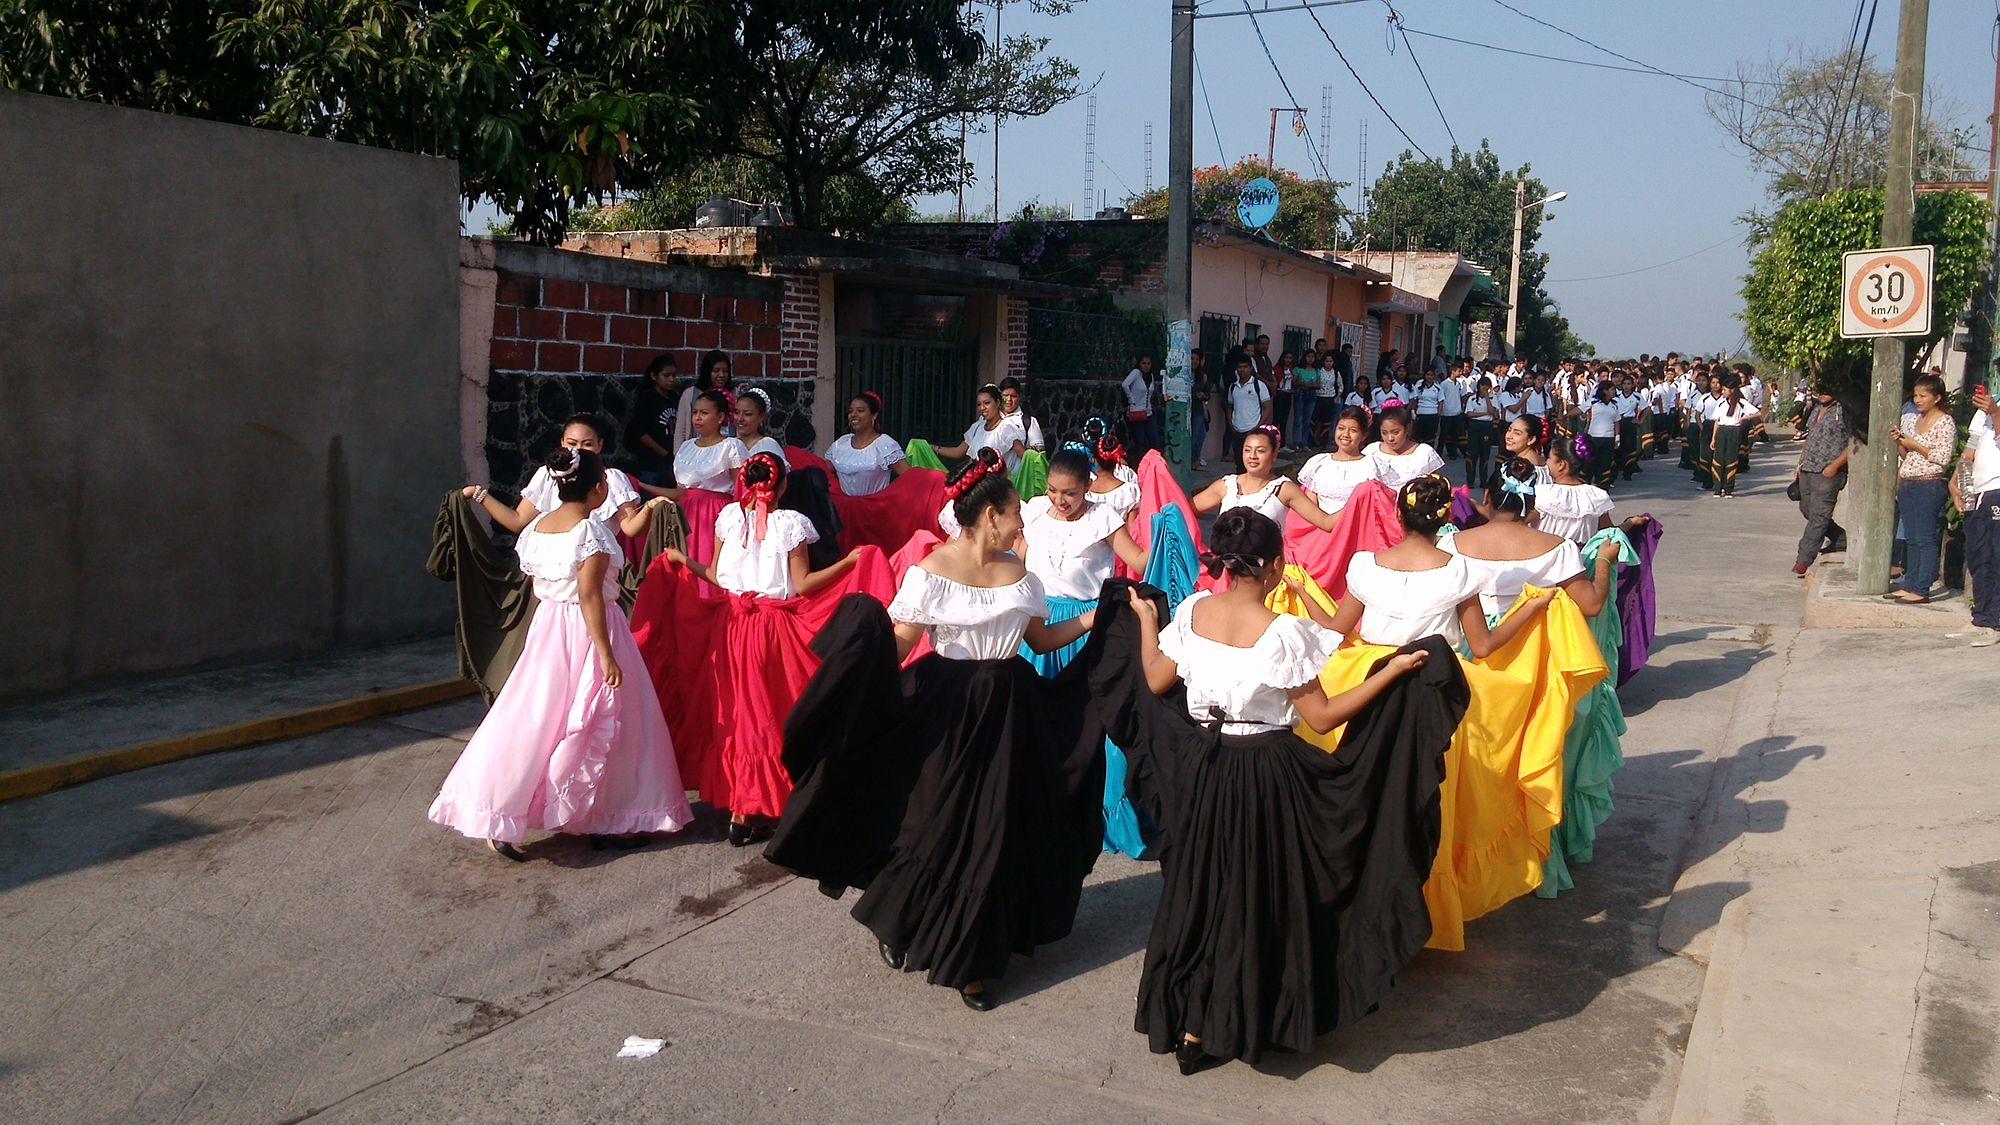 Estudiantes del #P10SantaRosa30 del #Cobaem_Morelos también desfilaron para Conmemorar inicio de la #RevoluciónMexicana #juventudcultayproductiva